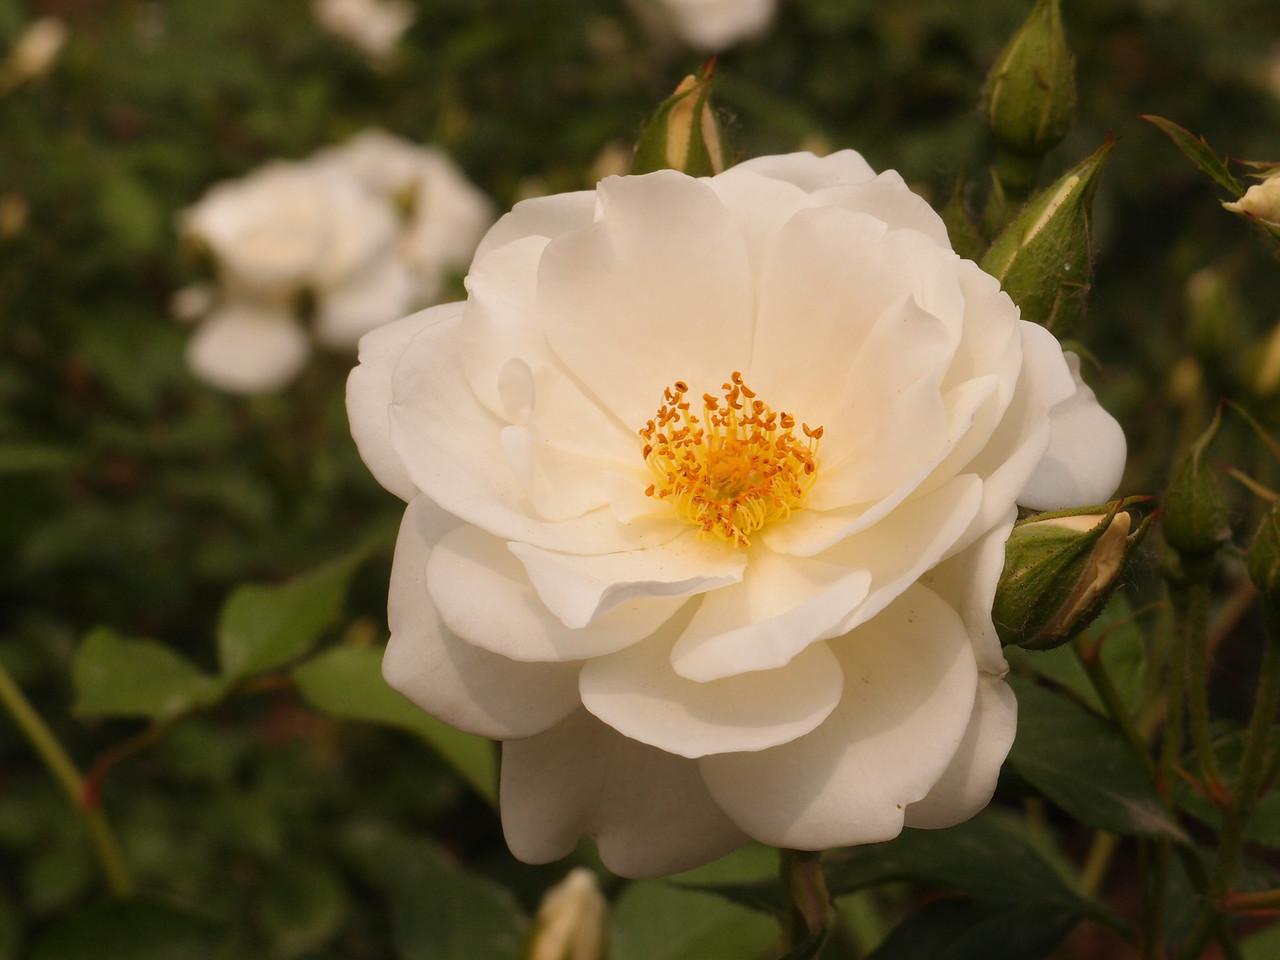 20120513_1419_0402 rose